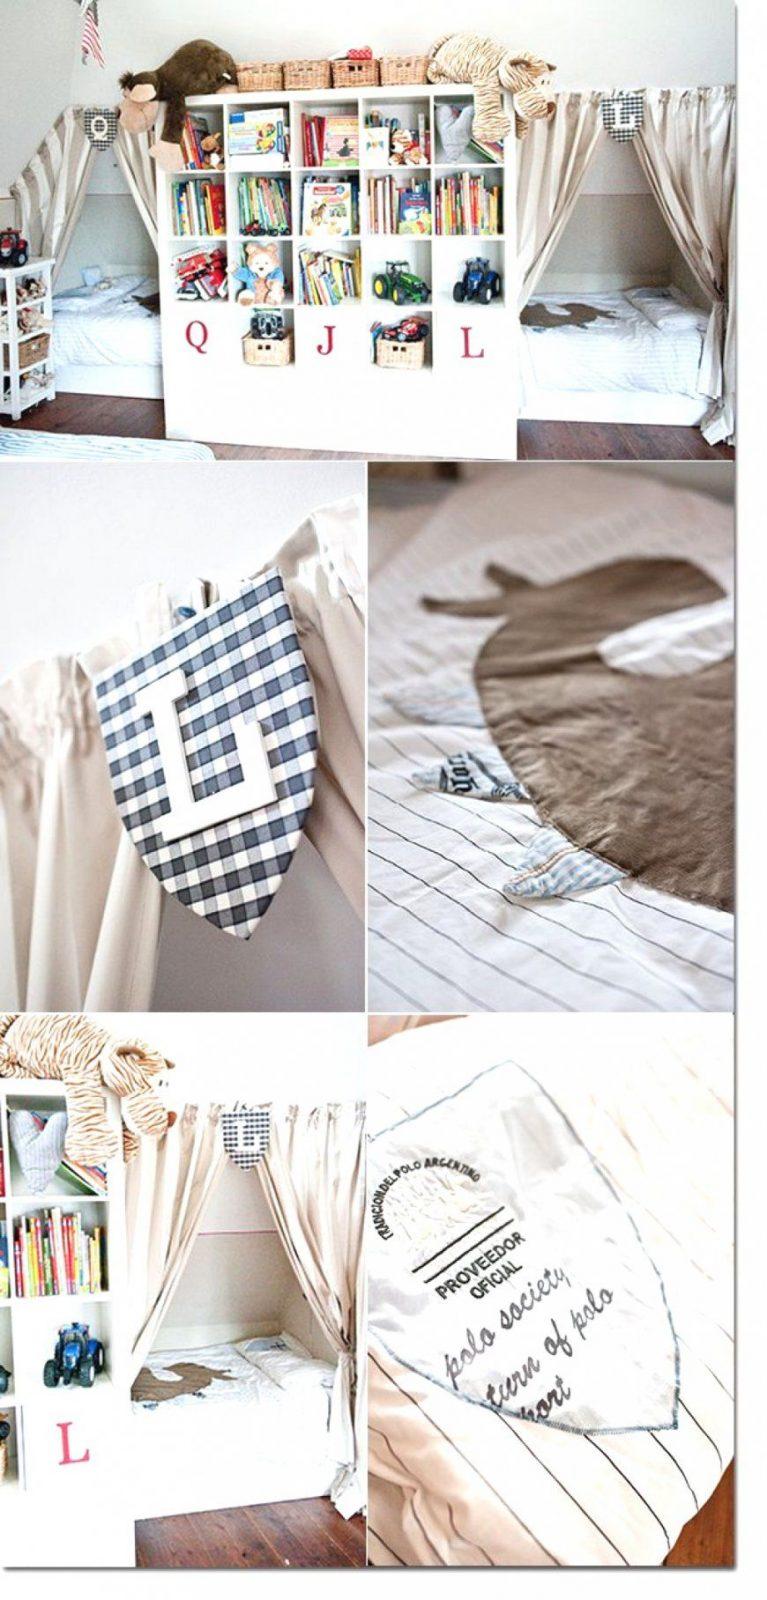 Charmante Inspiration Bettwäsche Selber Designen Und Beeindruckende von Bettwäsche Selbst Designen Bild